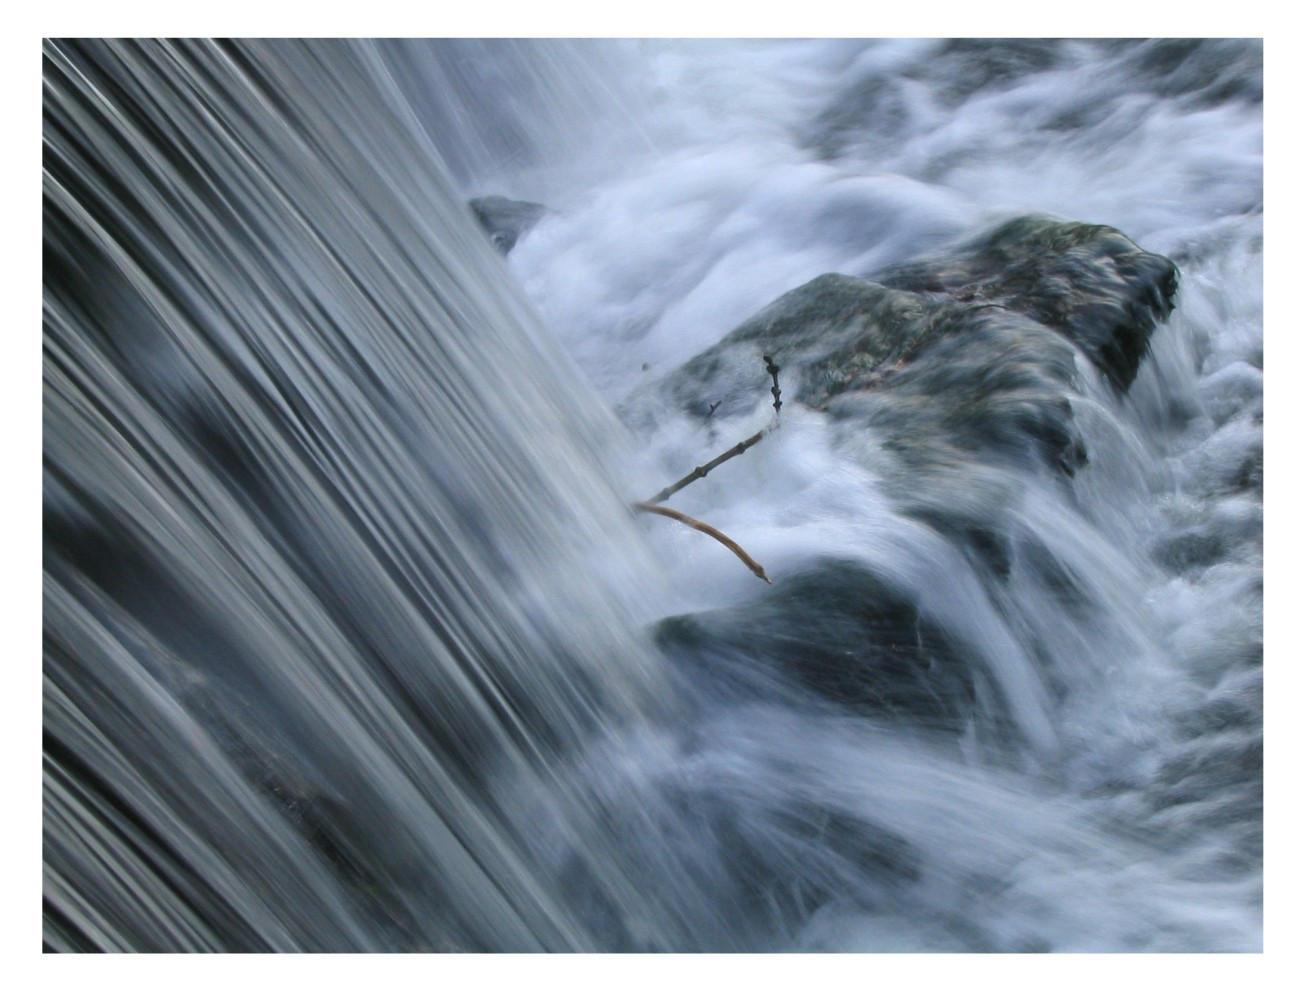 Long Exposure Water 02 by thomas-darktrack